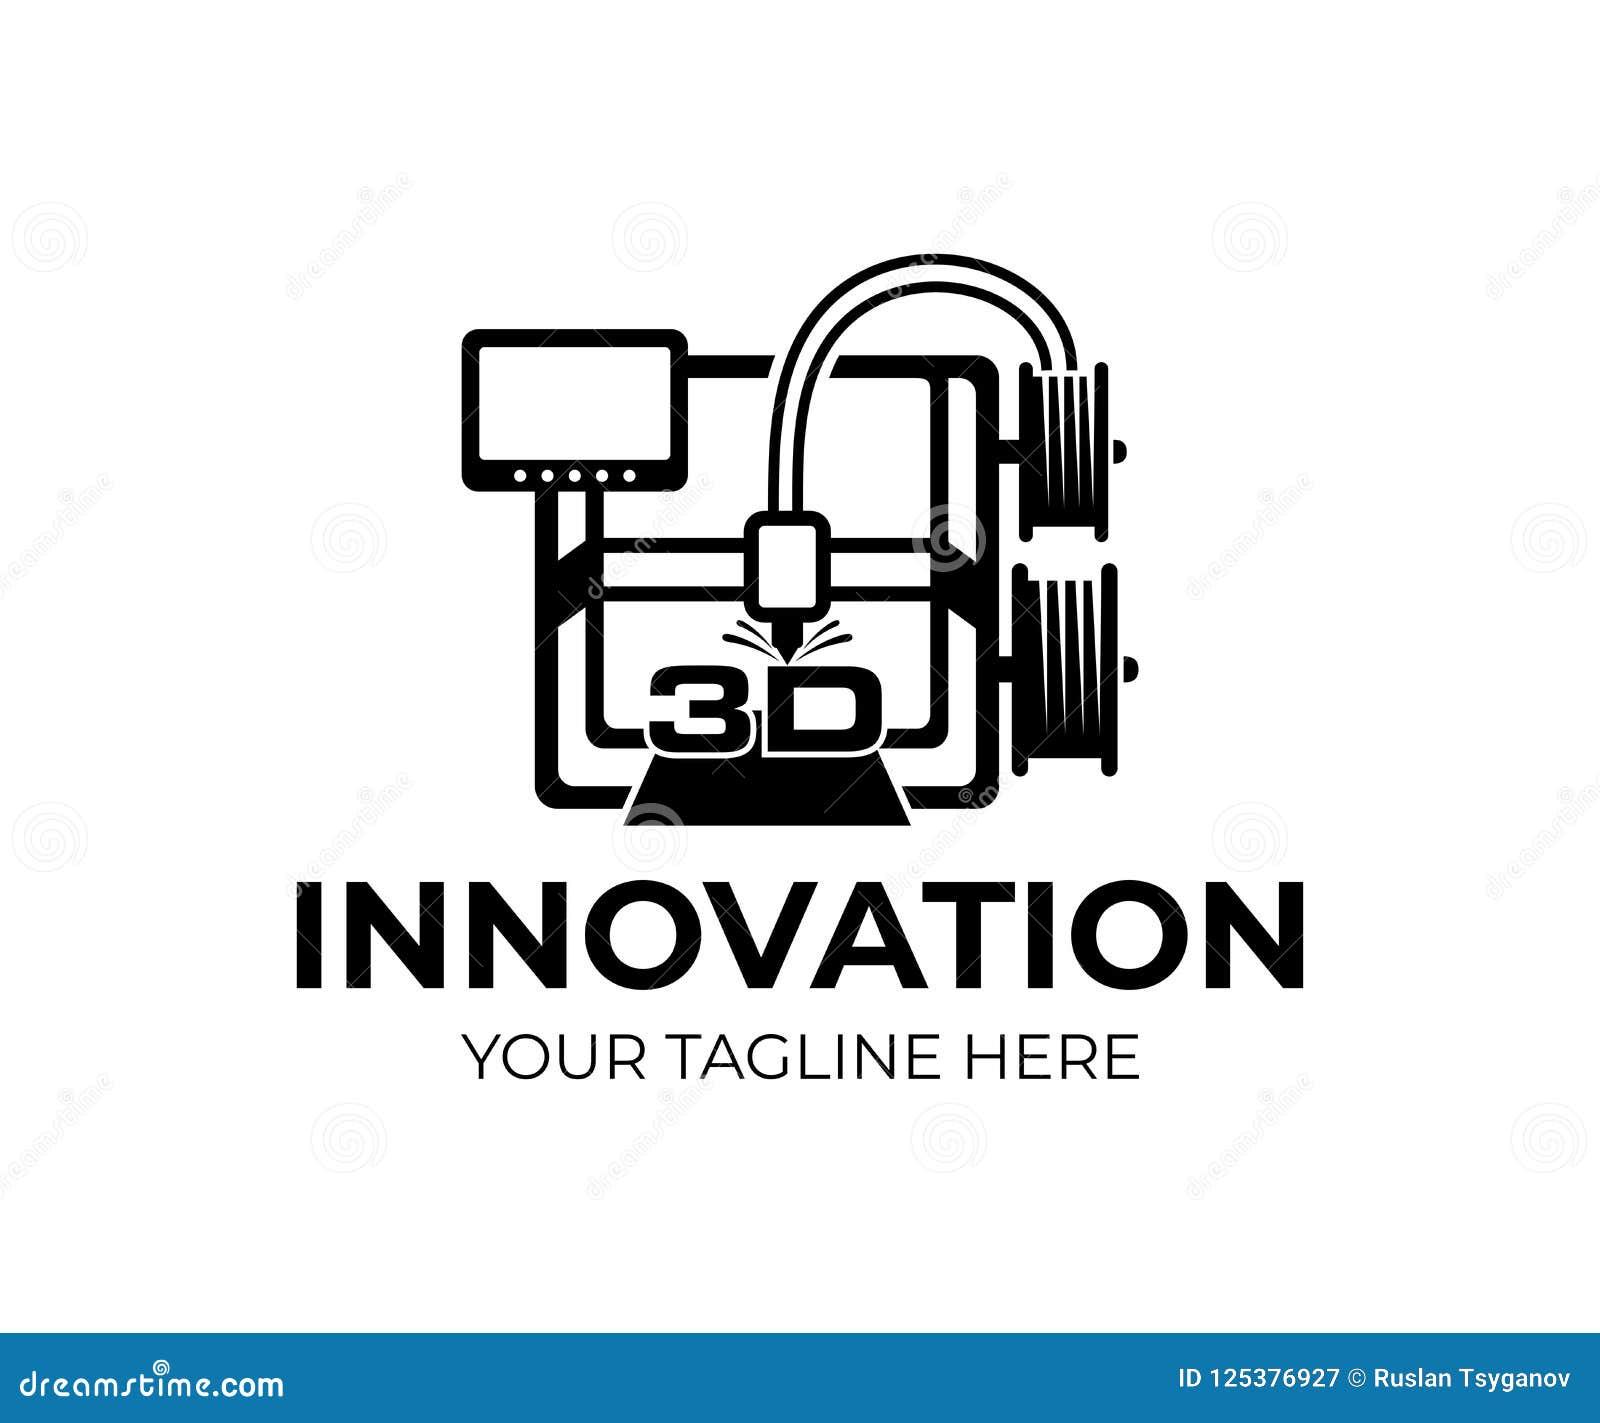 τρισδιάστατος εκτυπωτής, τεχνολογία και καινοτομία, σχέδιο λογότυπων Ηλεκτρονικός τρισδιάστατος πλαστικός εκτυπωτής, αυτοματοποίη